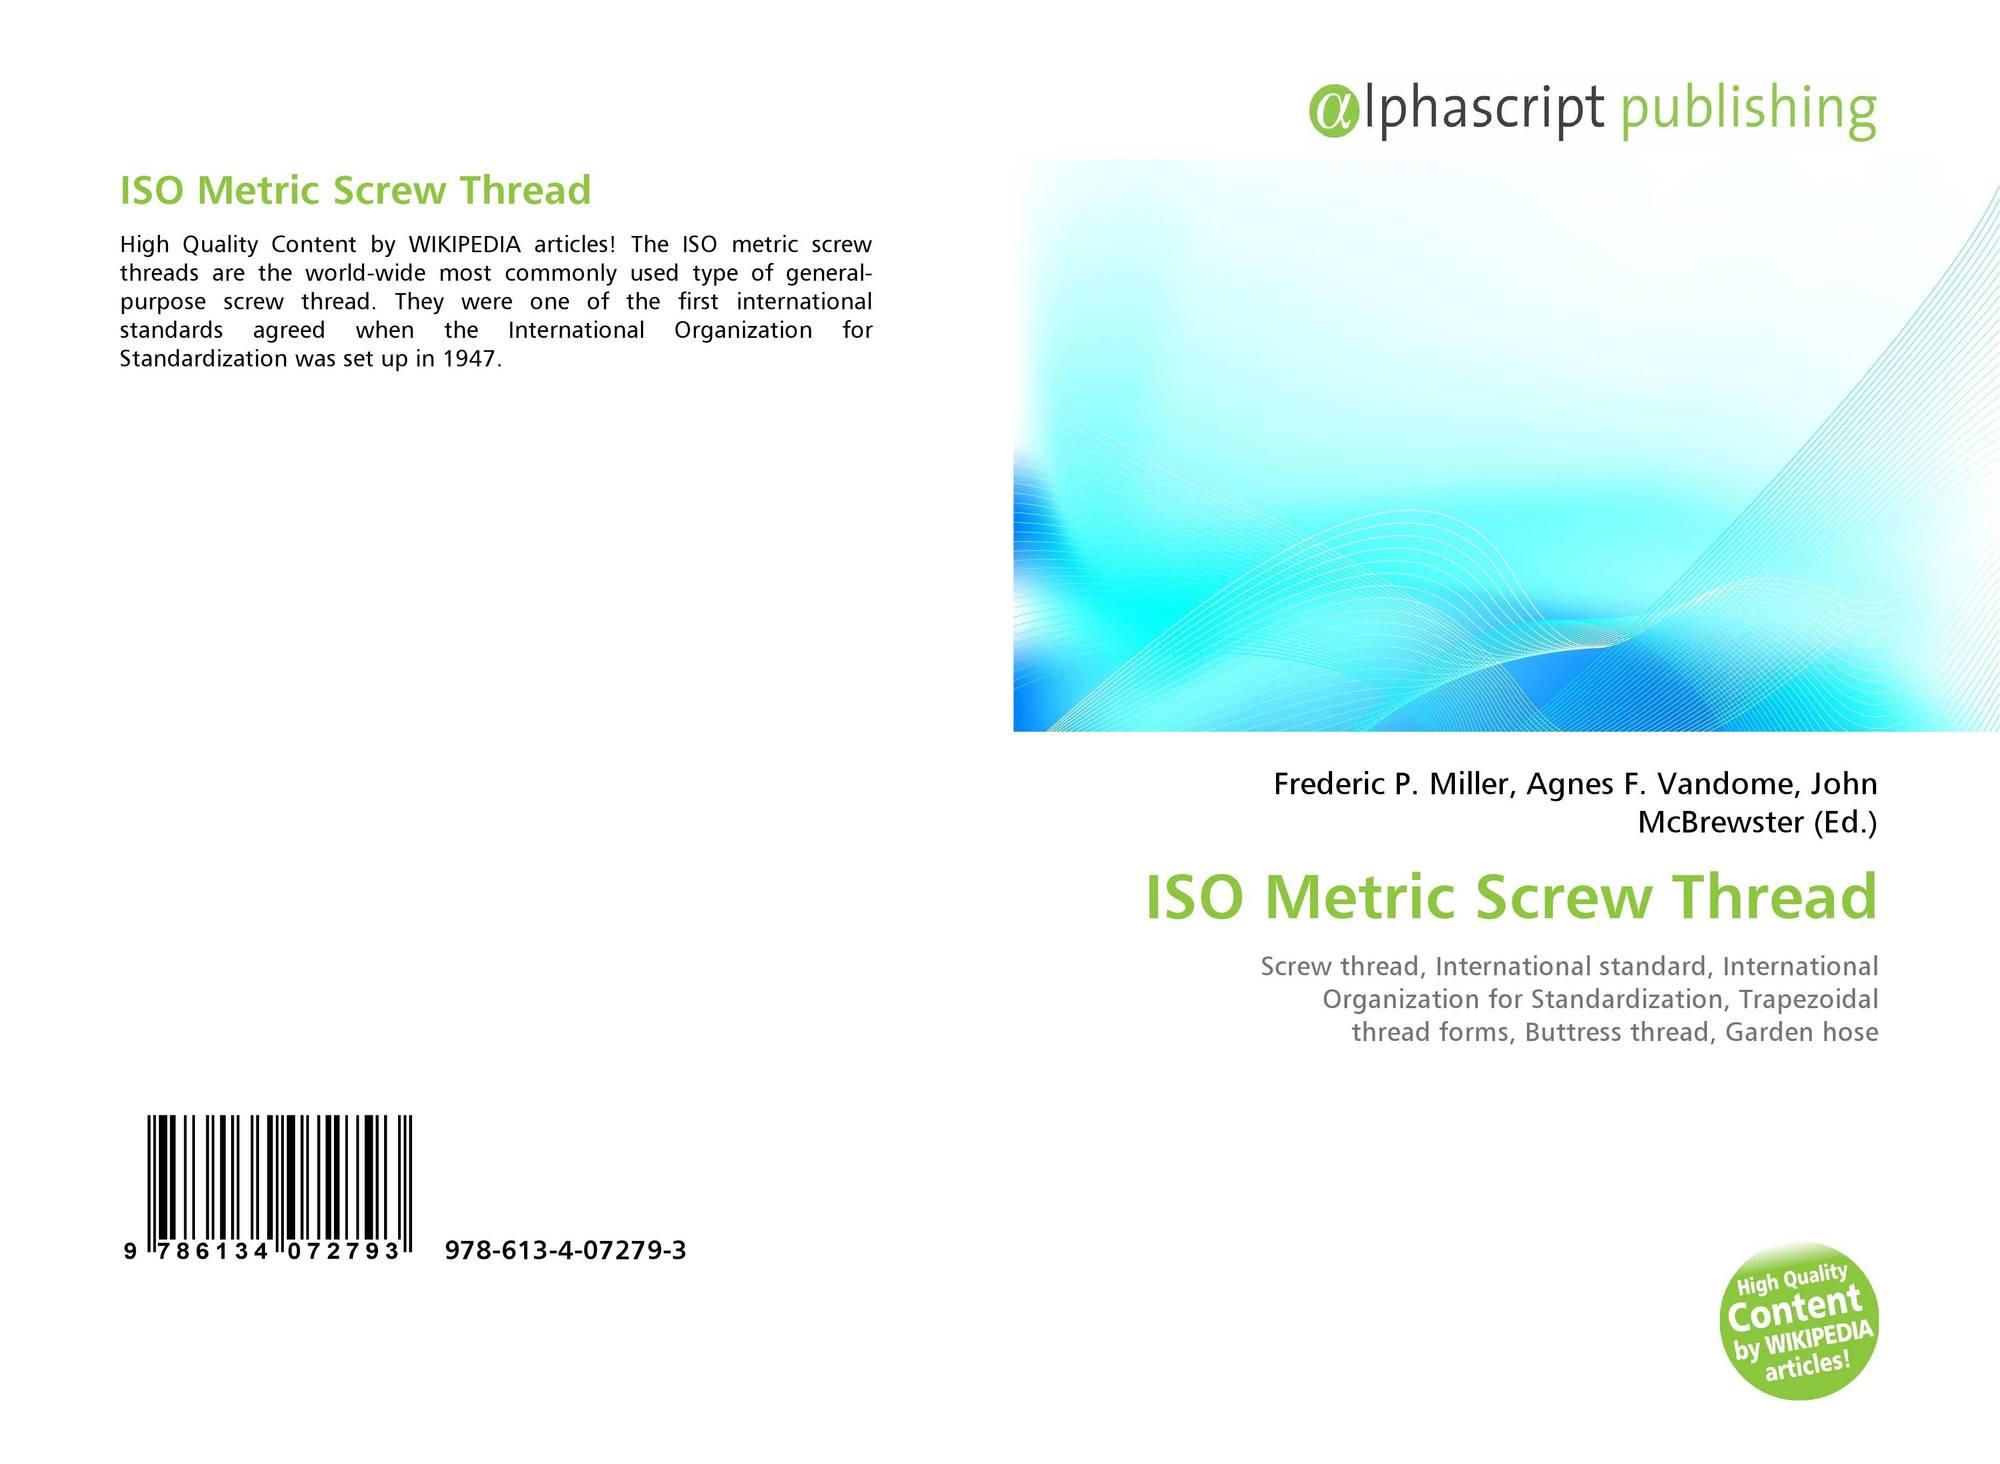 ISO Metric Screw Thread, 978-613-4-07279-3, 6134072796